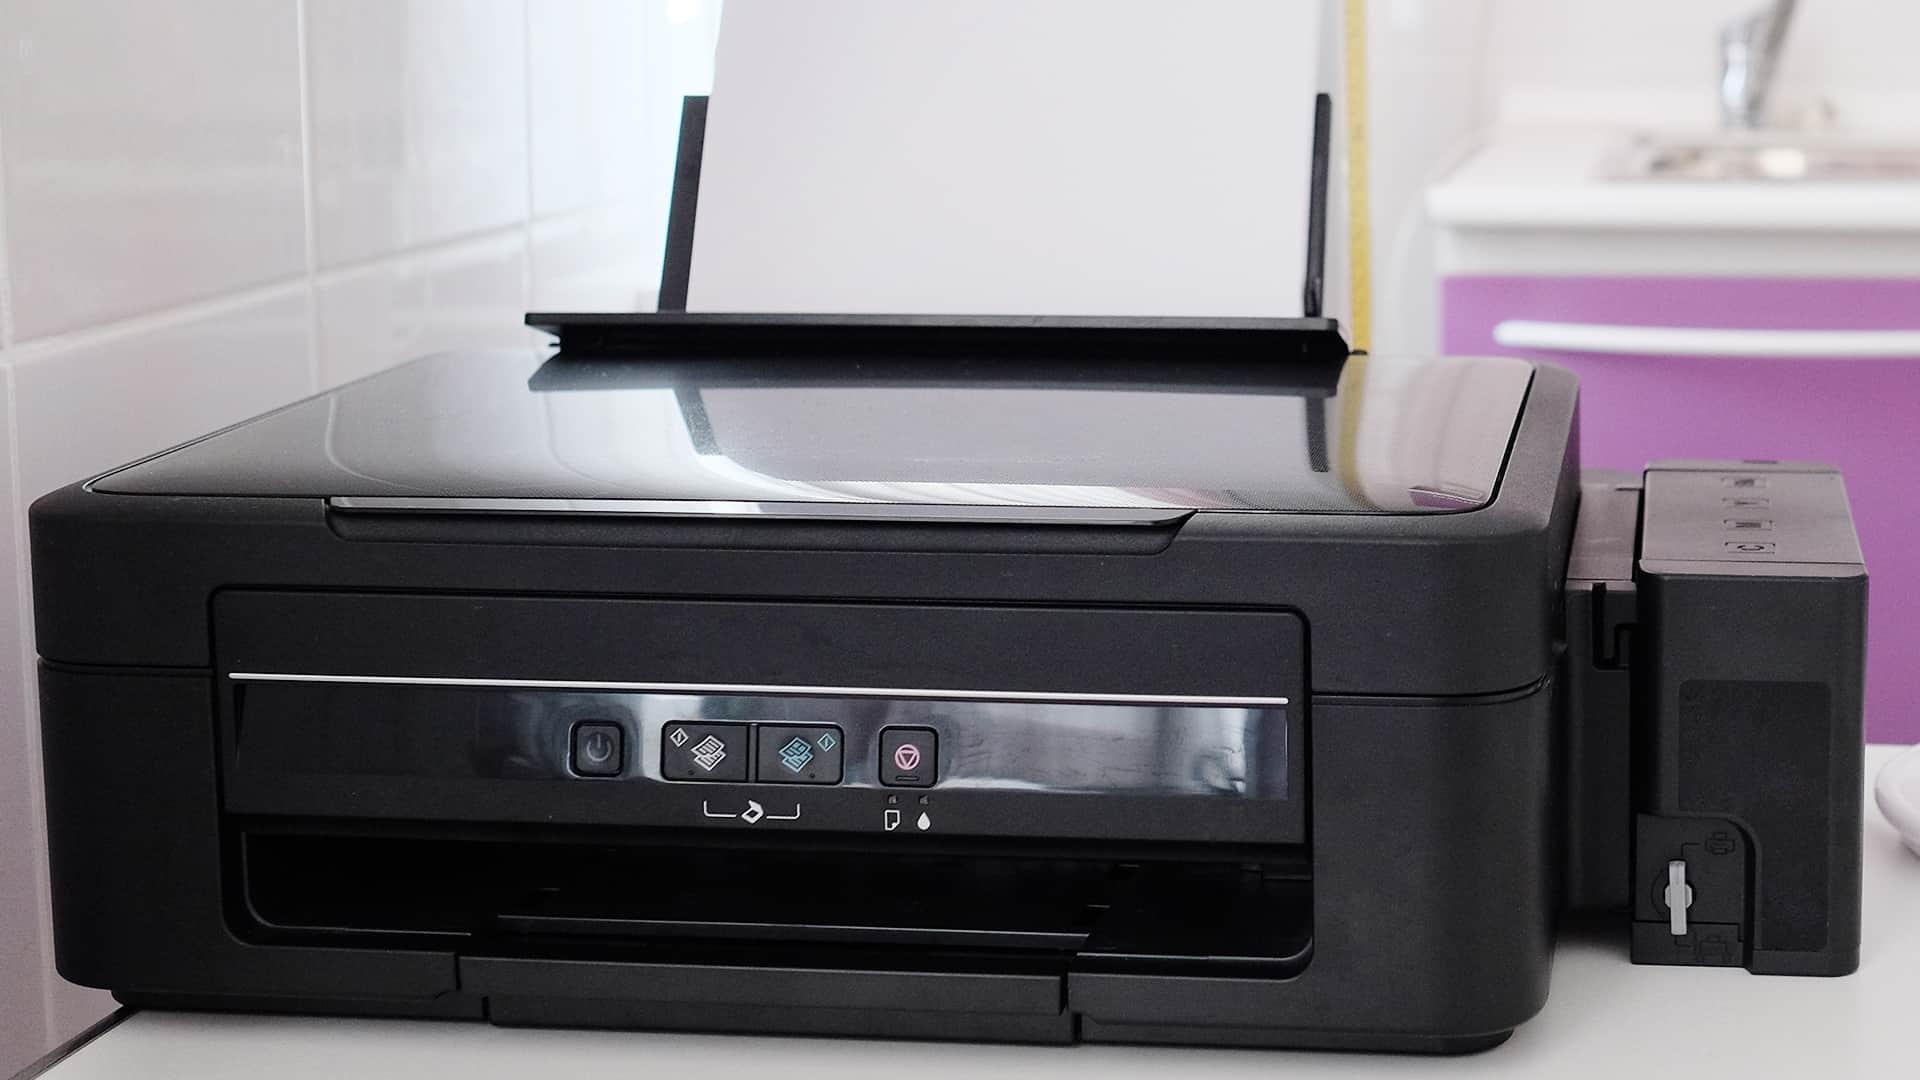 Impresoras AirPrint: ¿Cuál es la mejor del 2020?